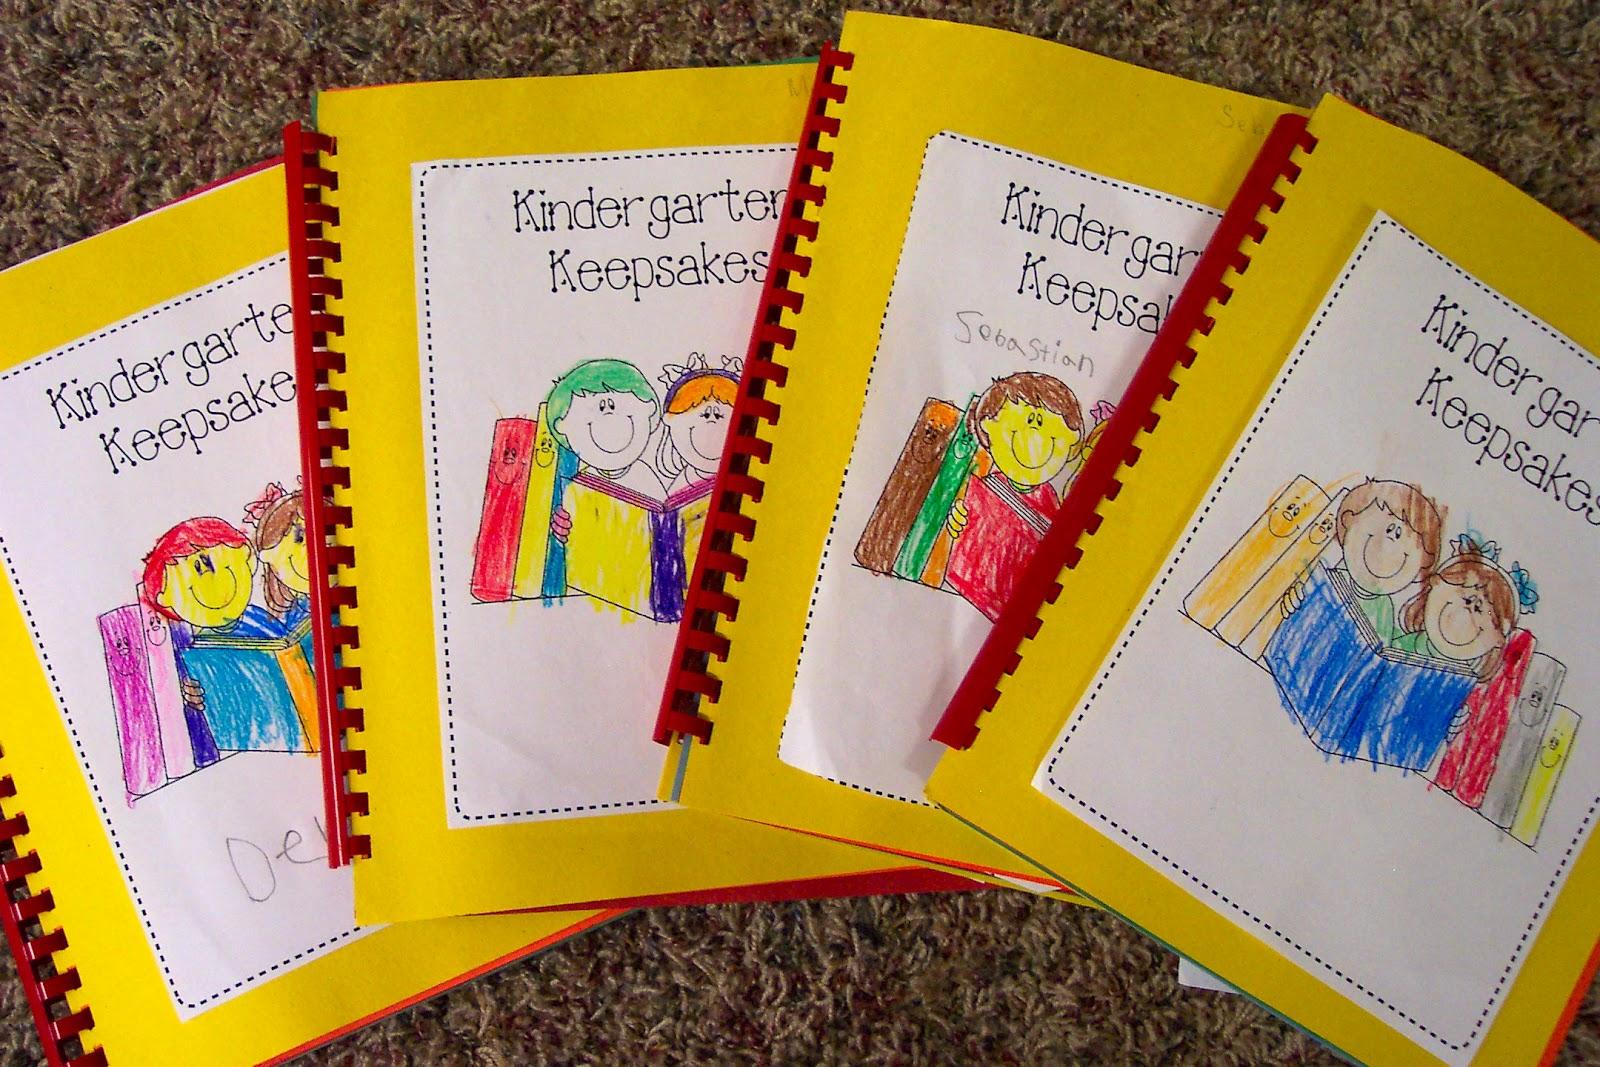 Kindergarten Poetry Book Cover : Kinderdi kindergarten keepsakes book